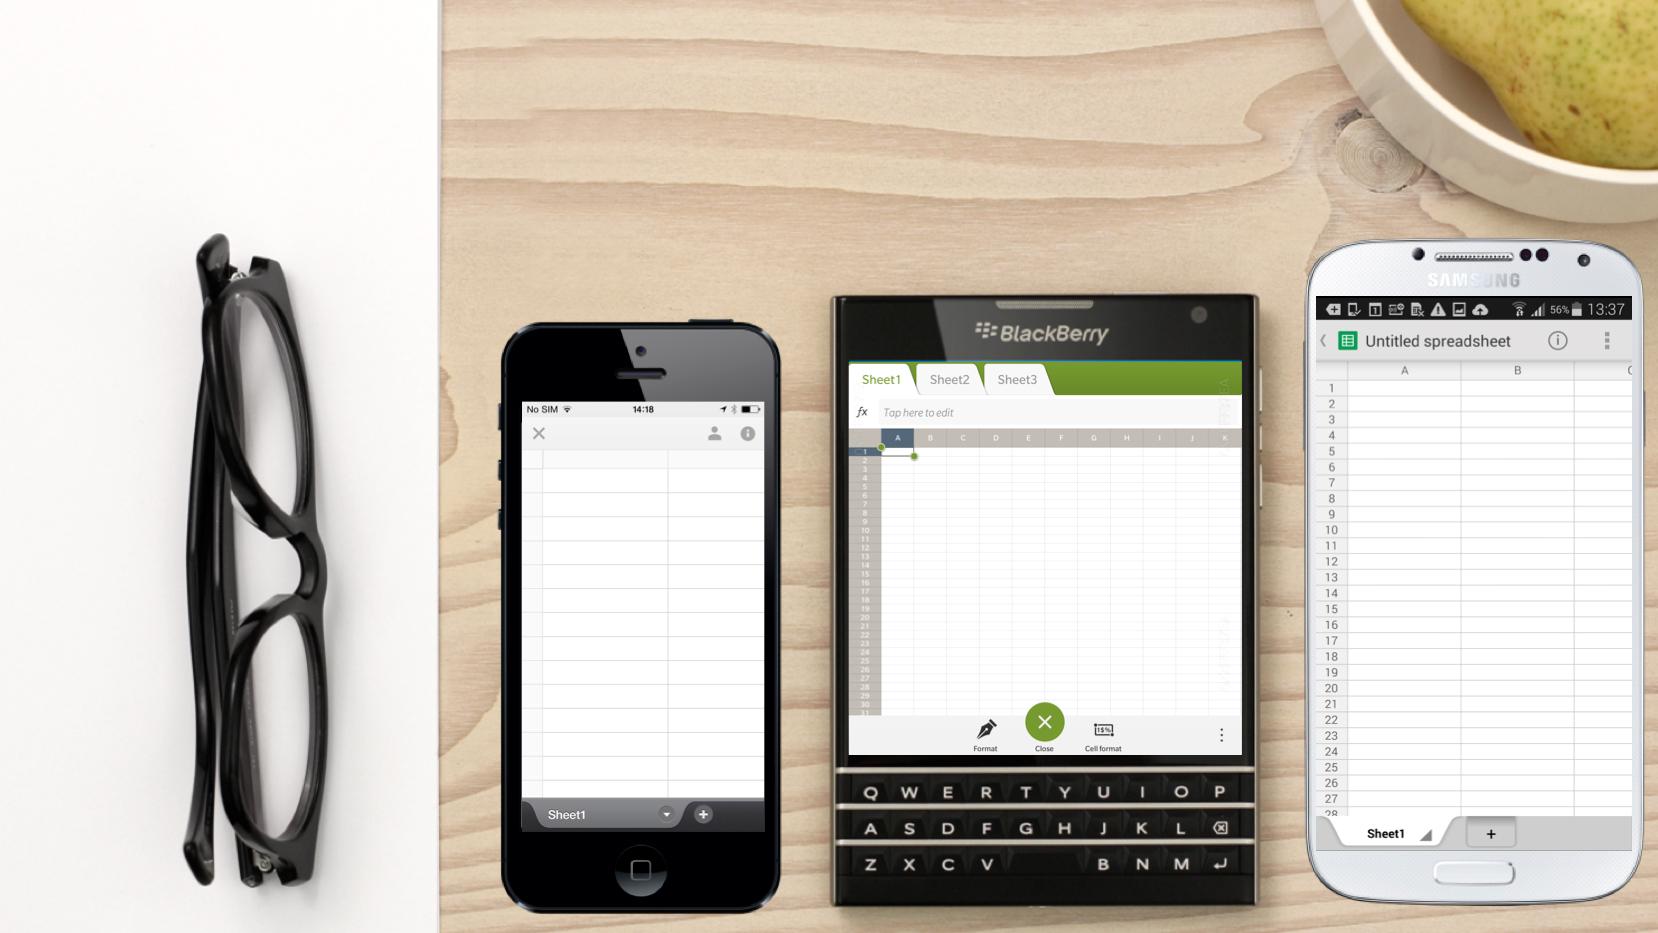 Blackberry Passport Techradar Q10 4g Lte